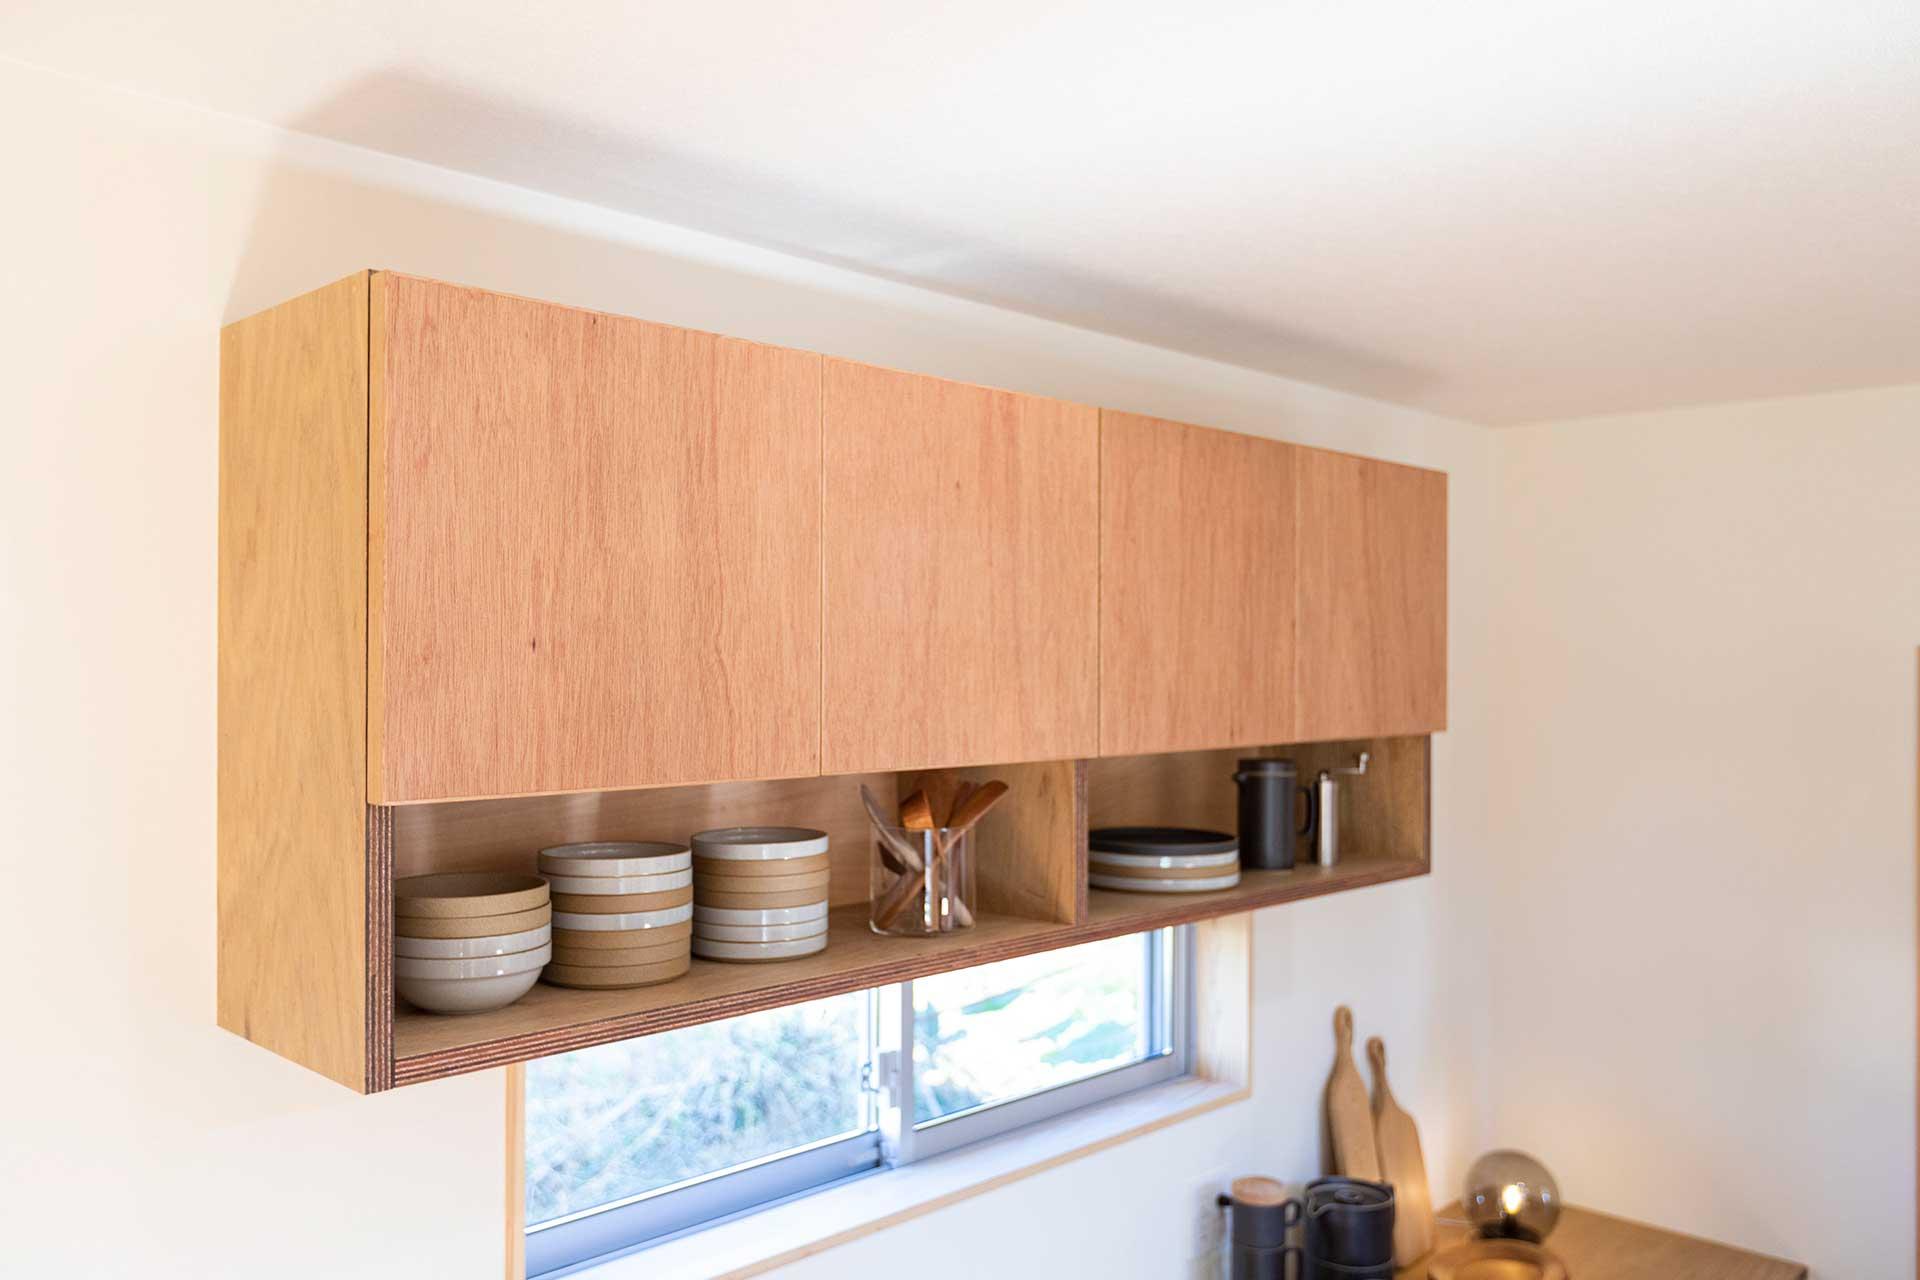 キッチンの収納棚にはラワン材の合板を取り入れ、あえて塗装せず、木目をそのまま見せる方法を採用した。東島邸 里山建築